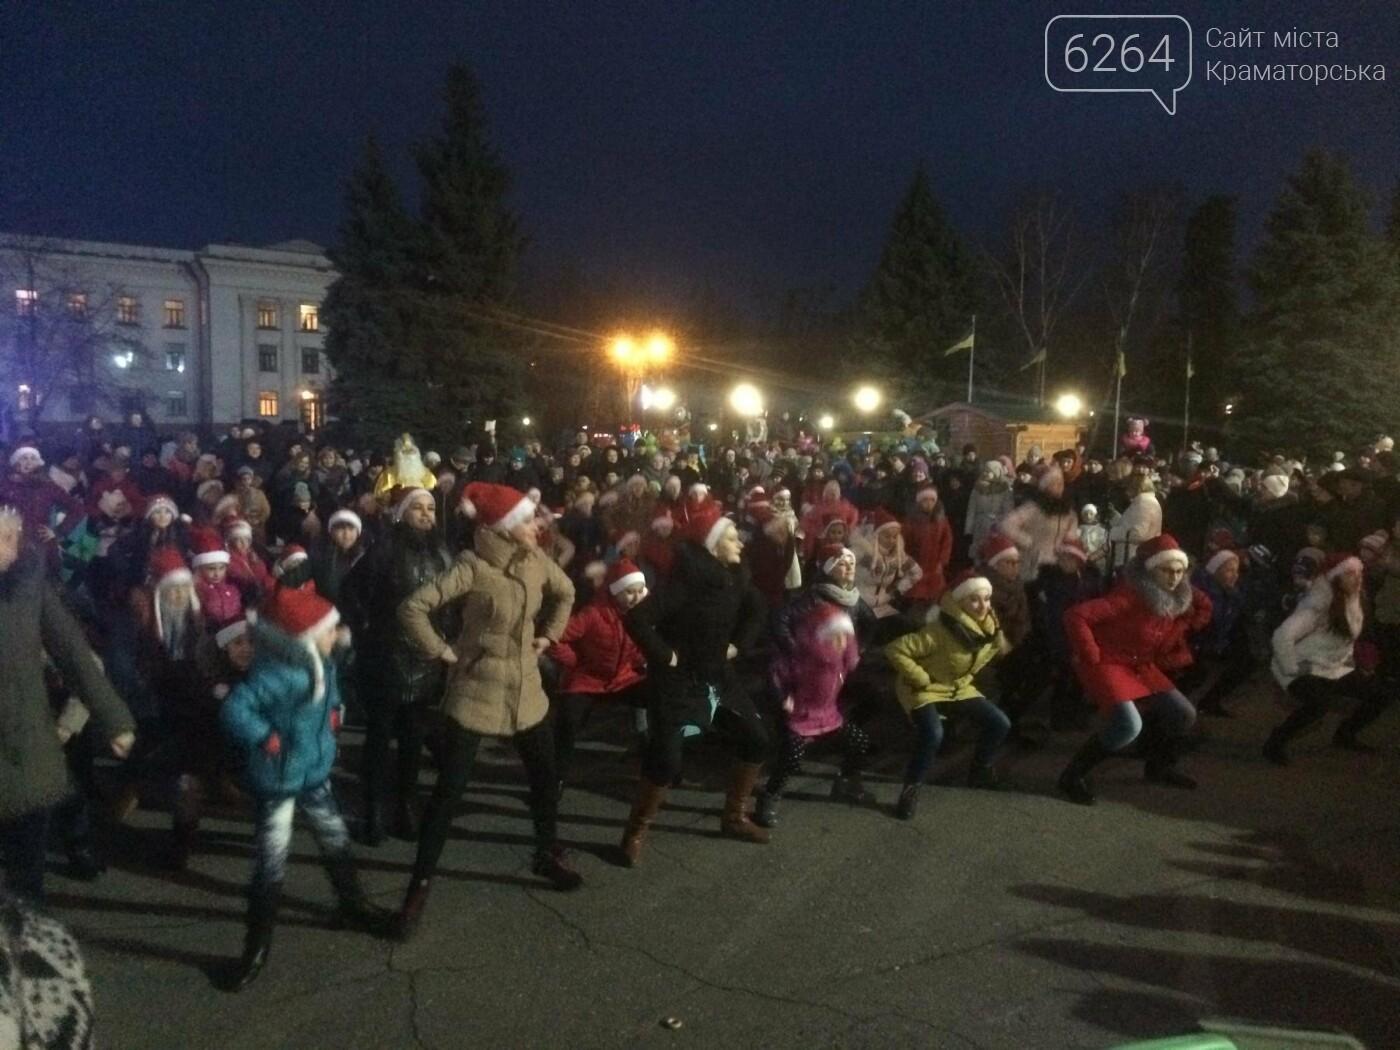 В Краматорске засиял главный символ наступления Нового года – праздничная елка, фото-3